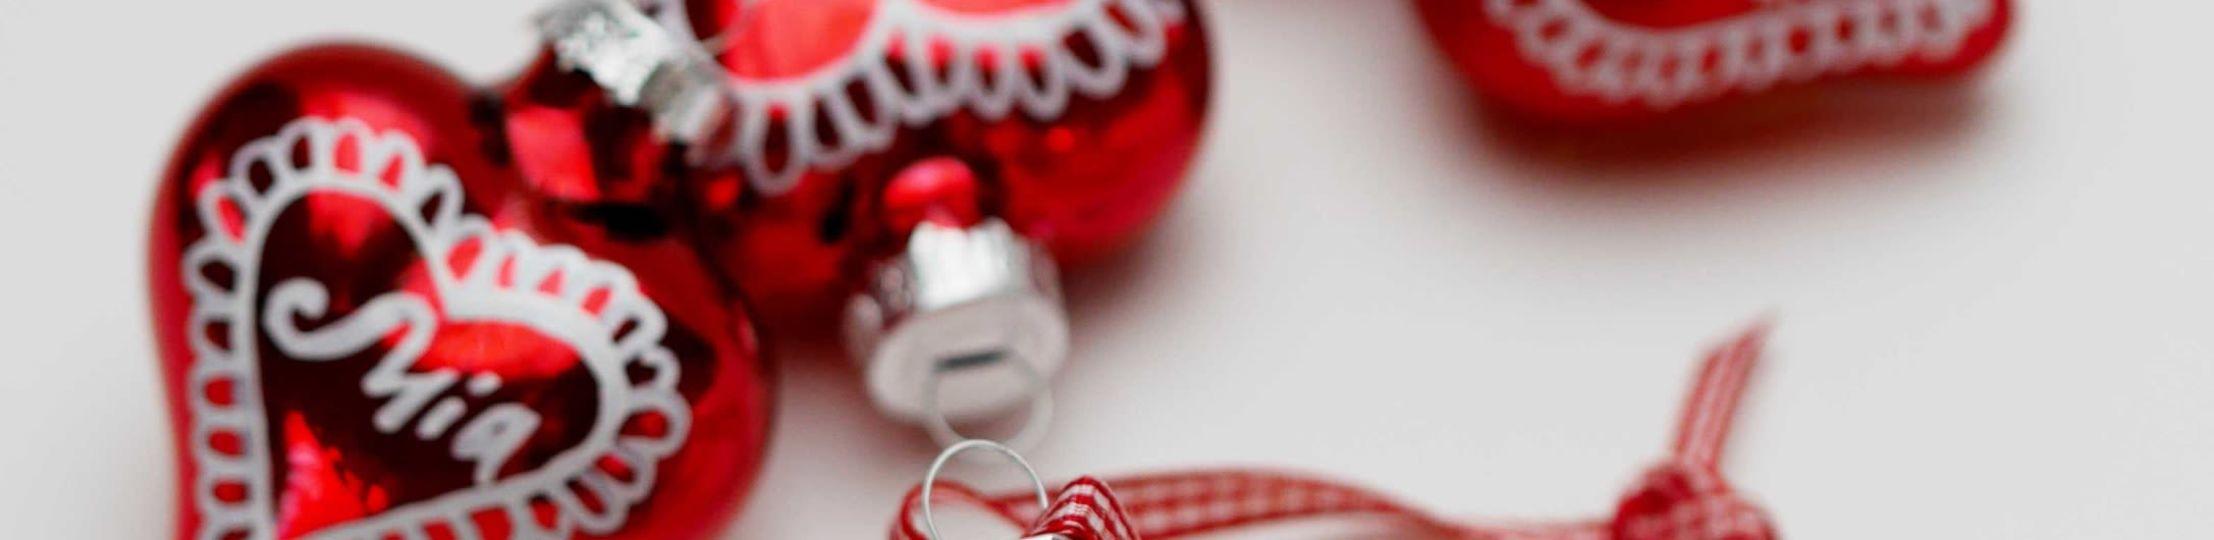 Weihnachtsfeier Ideen